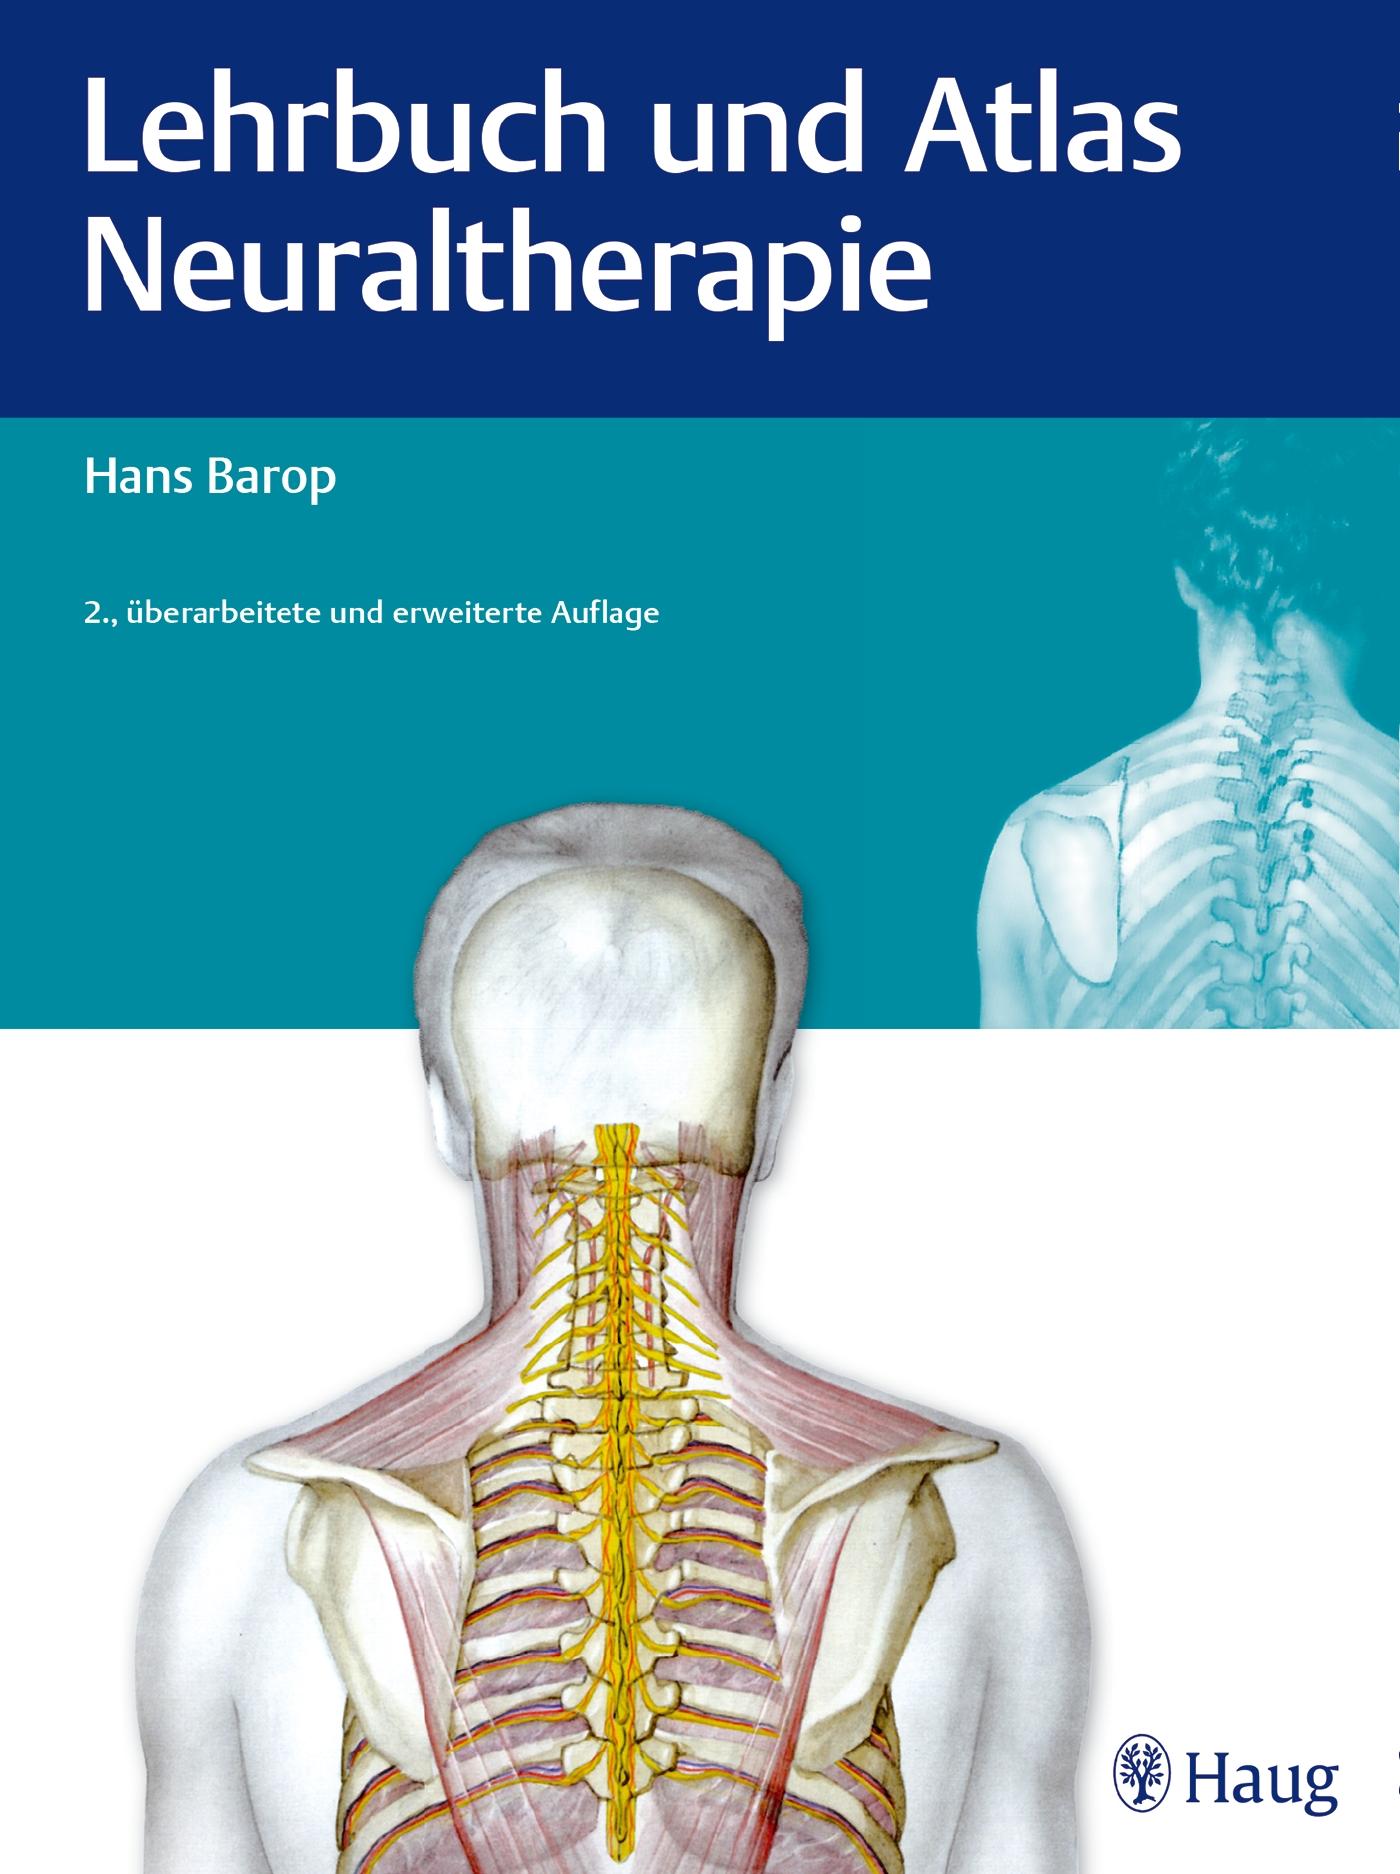 Lehrbuch und Atlas Neuraltherapie von Hans Barop (2014, Gebundene ...